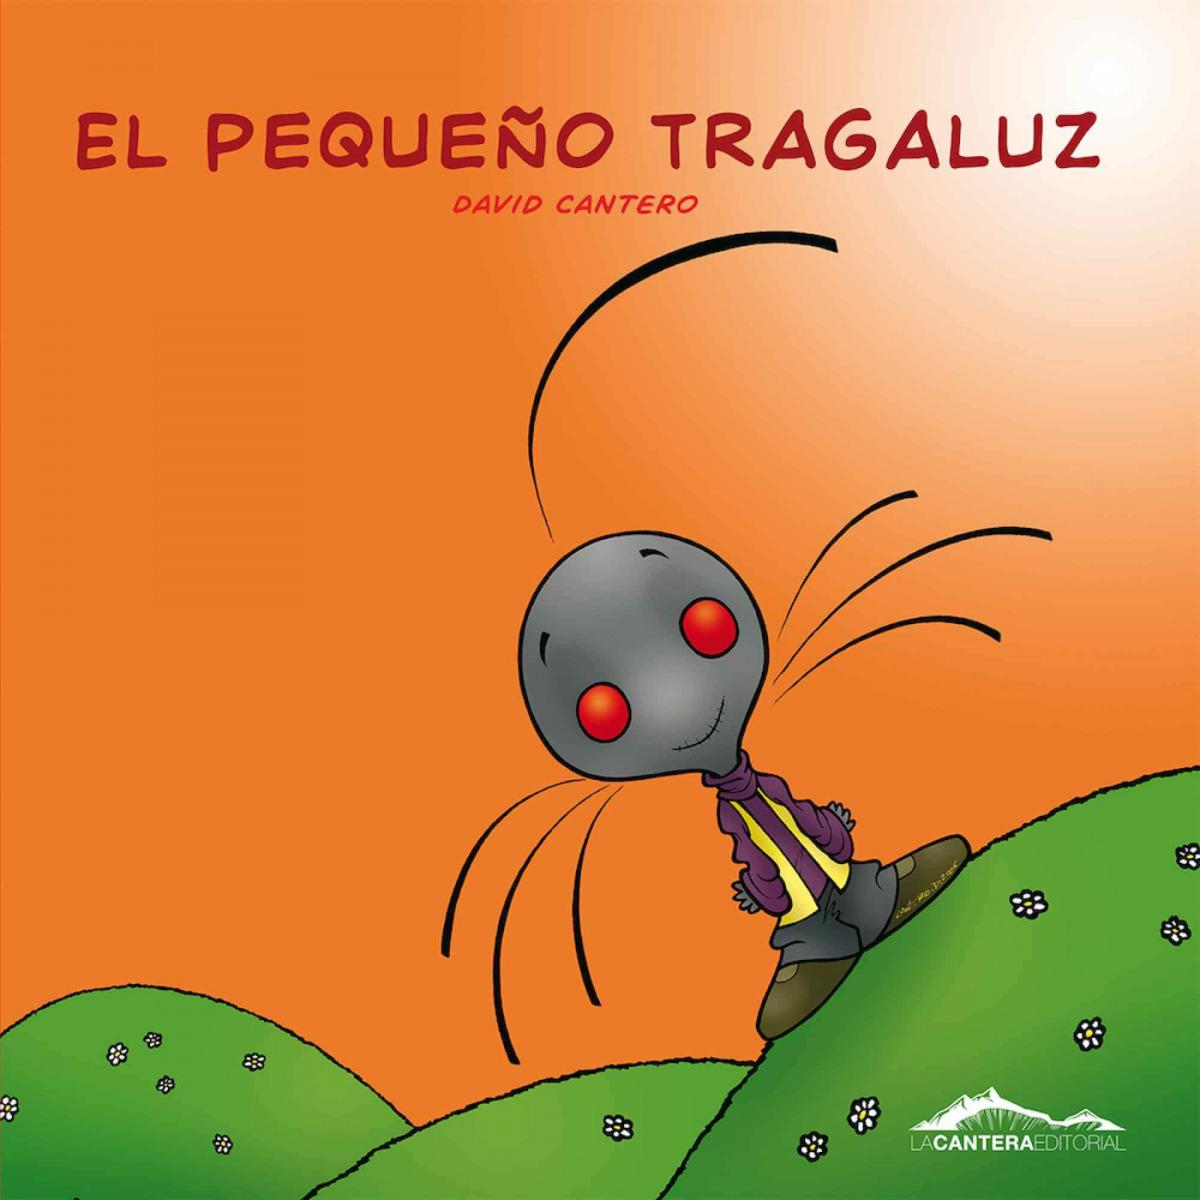 El pequeño Tragaluz